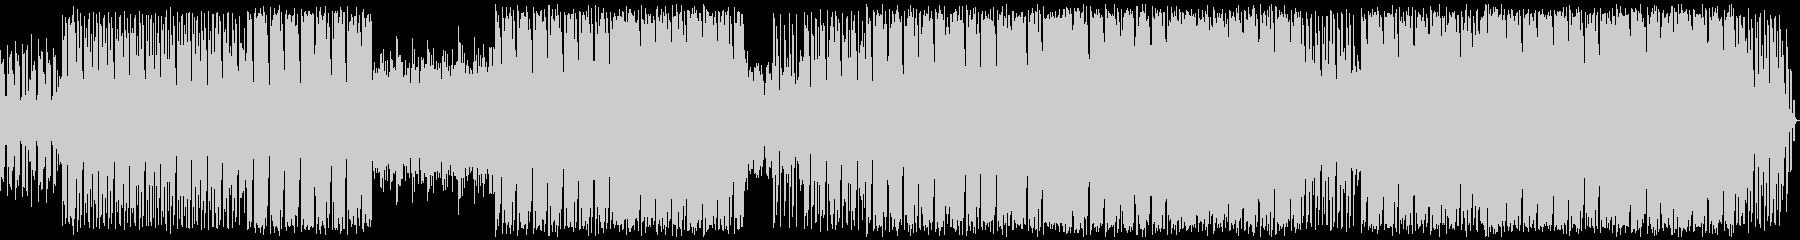 ドラム & ベース ジャングル 神...の未再生の波形